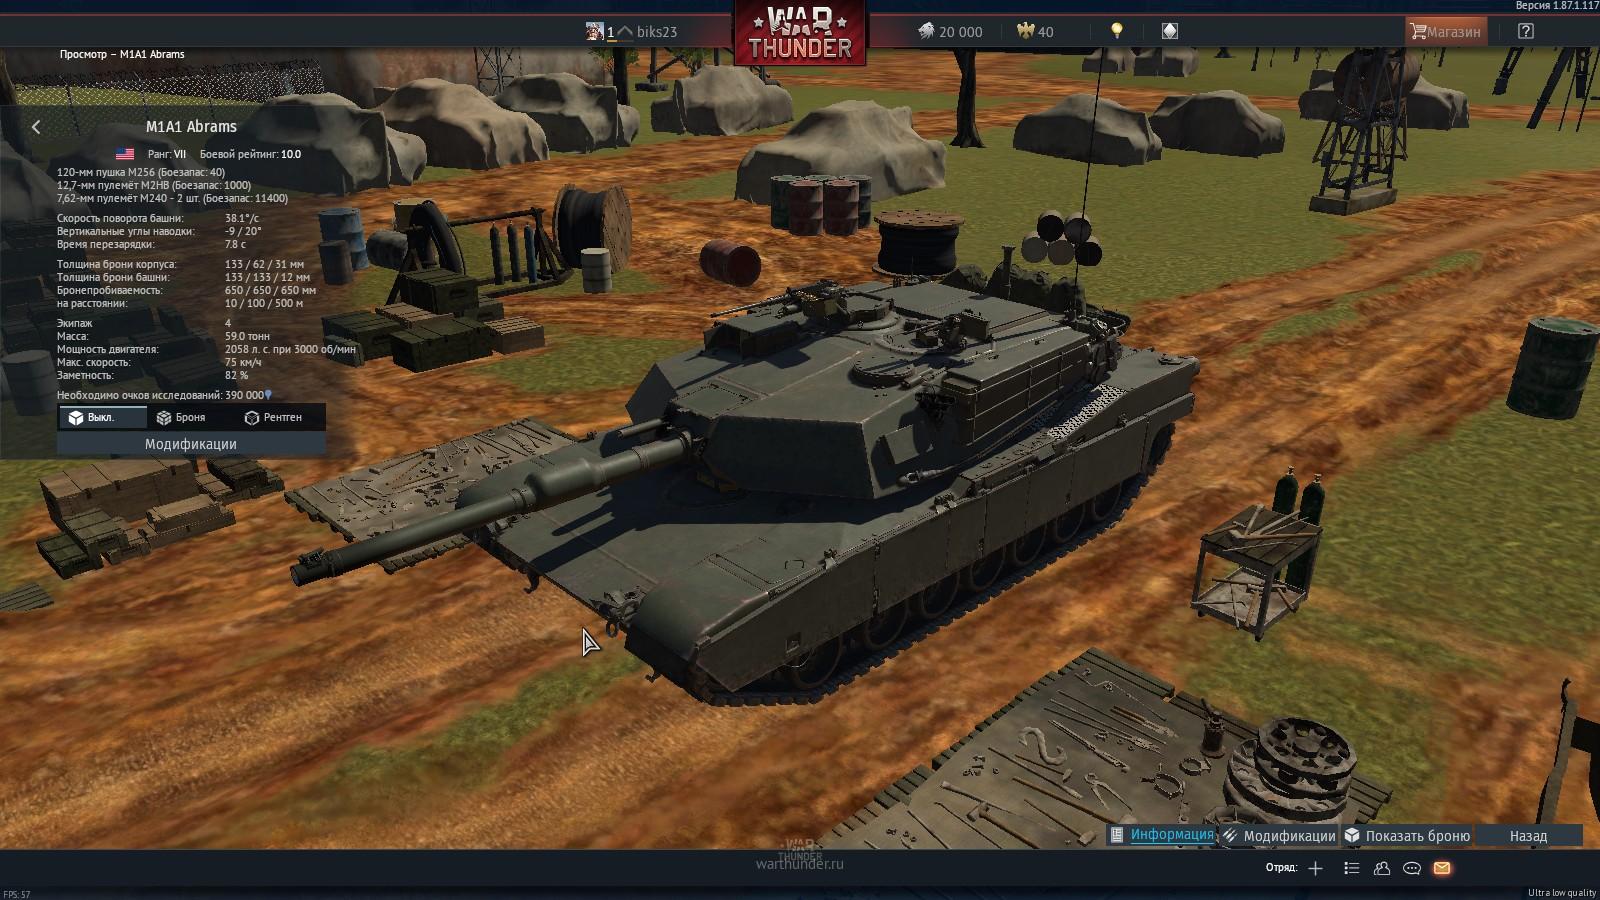 Игра War Thunder - в чем ее преимущества?